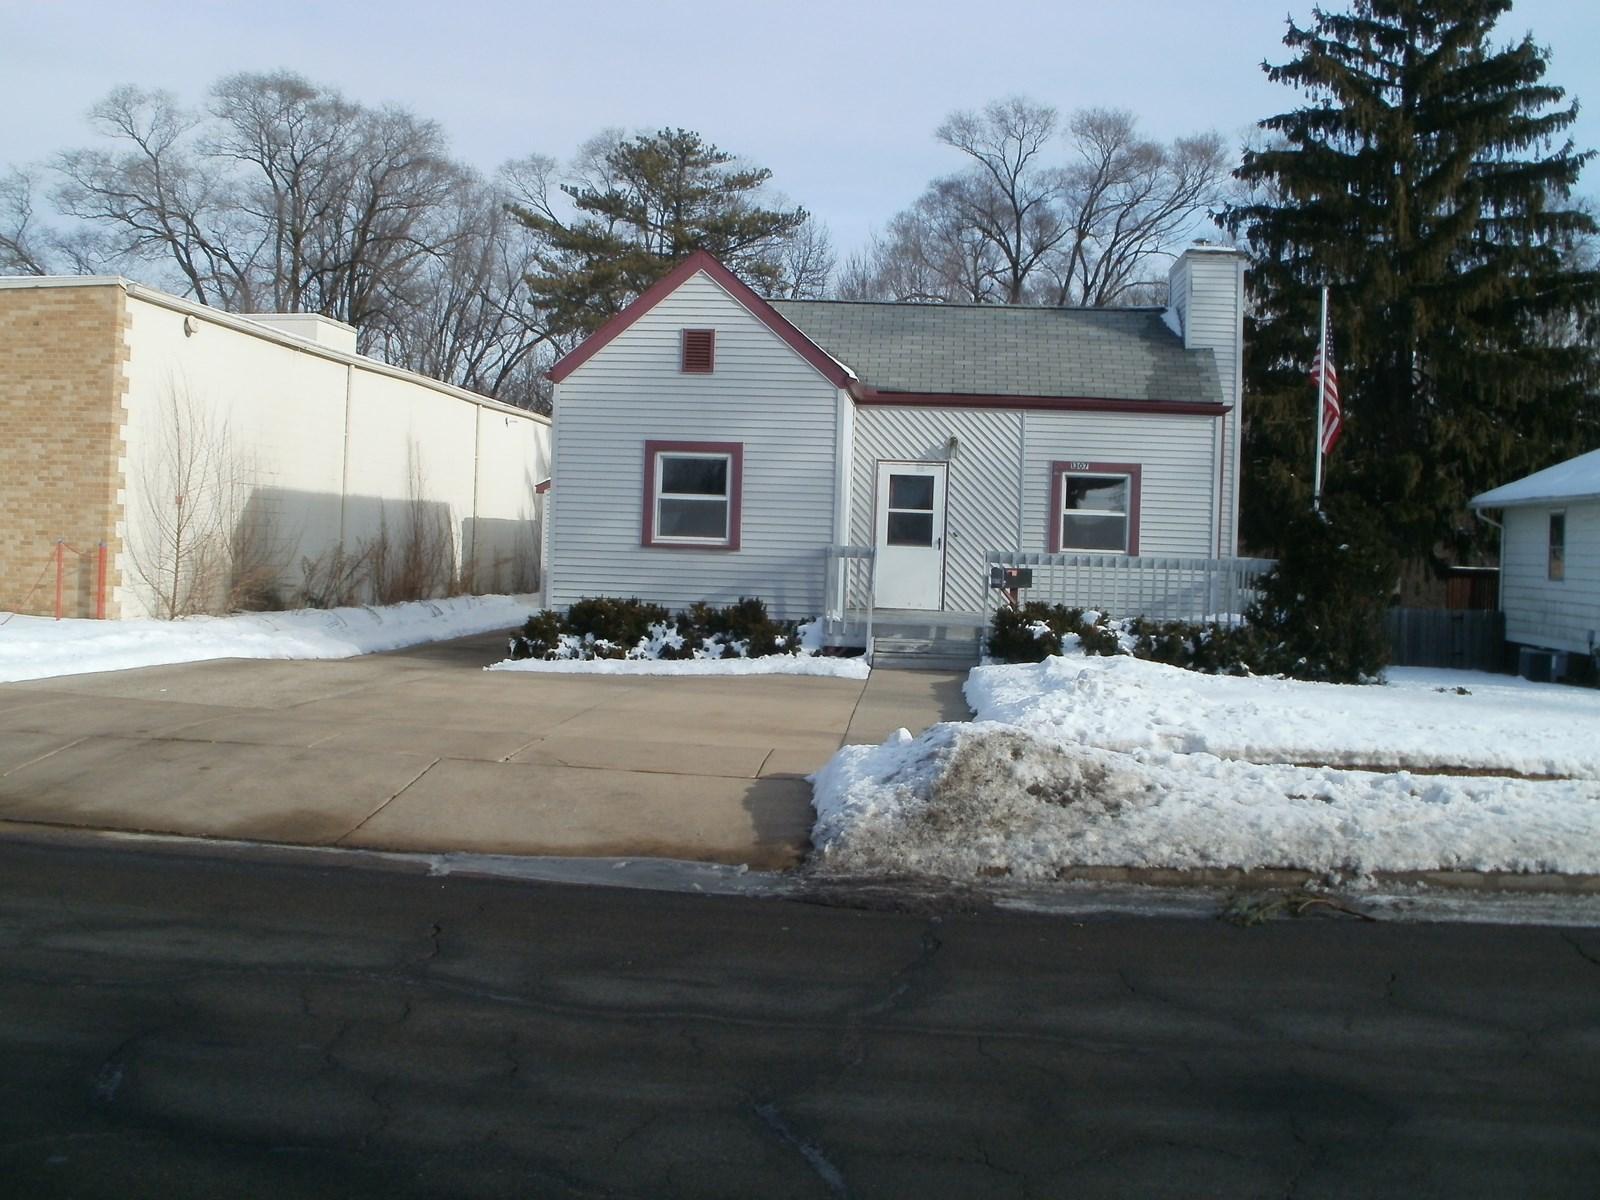 2 Bedroom Home in Portage Wisconsin